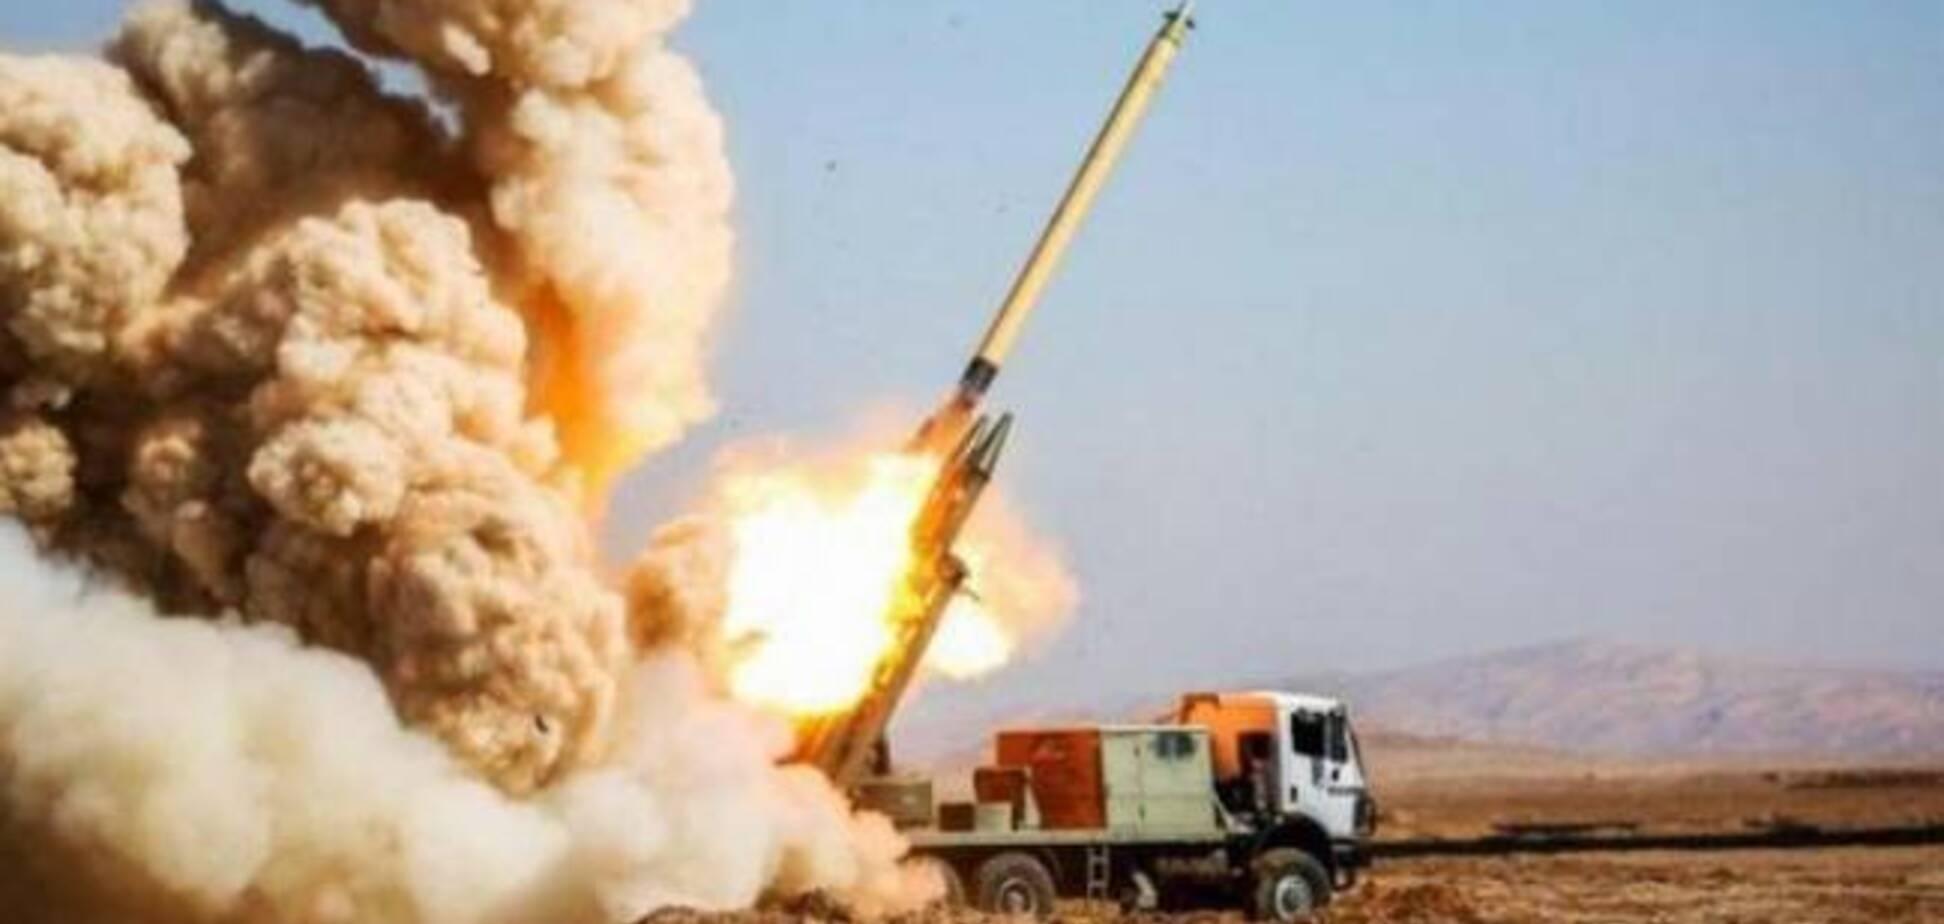 Обстріляли з 'Катюші': в Іраку знову атакували військову базу США